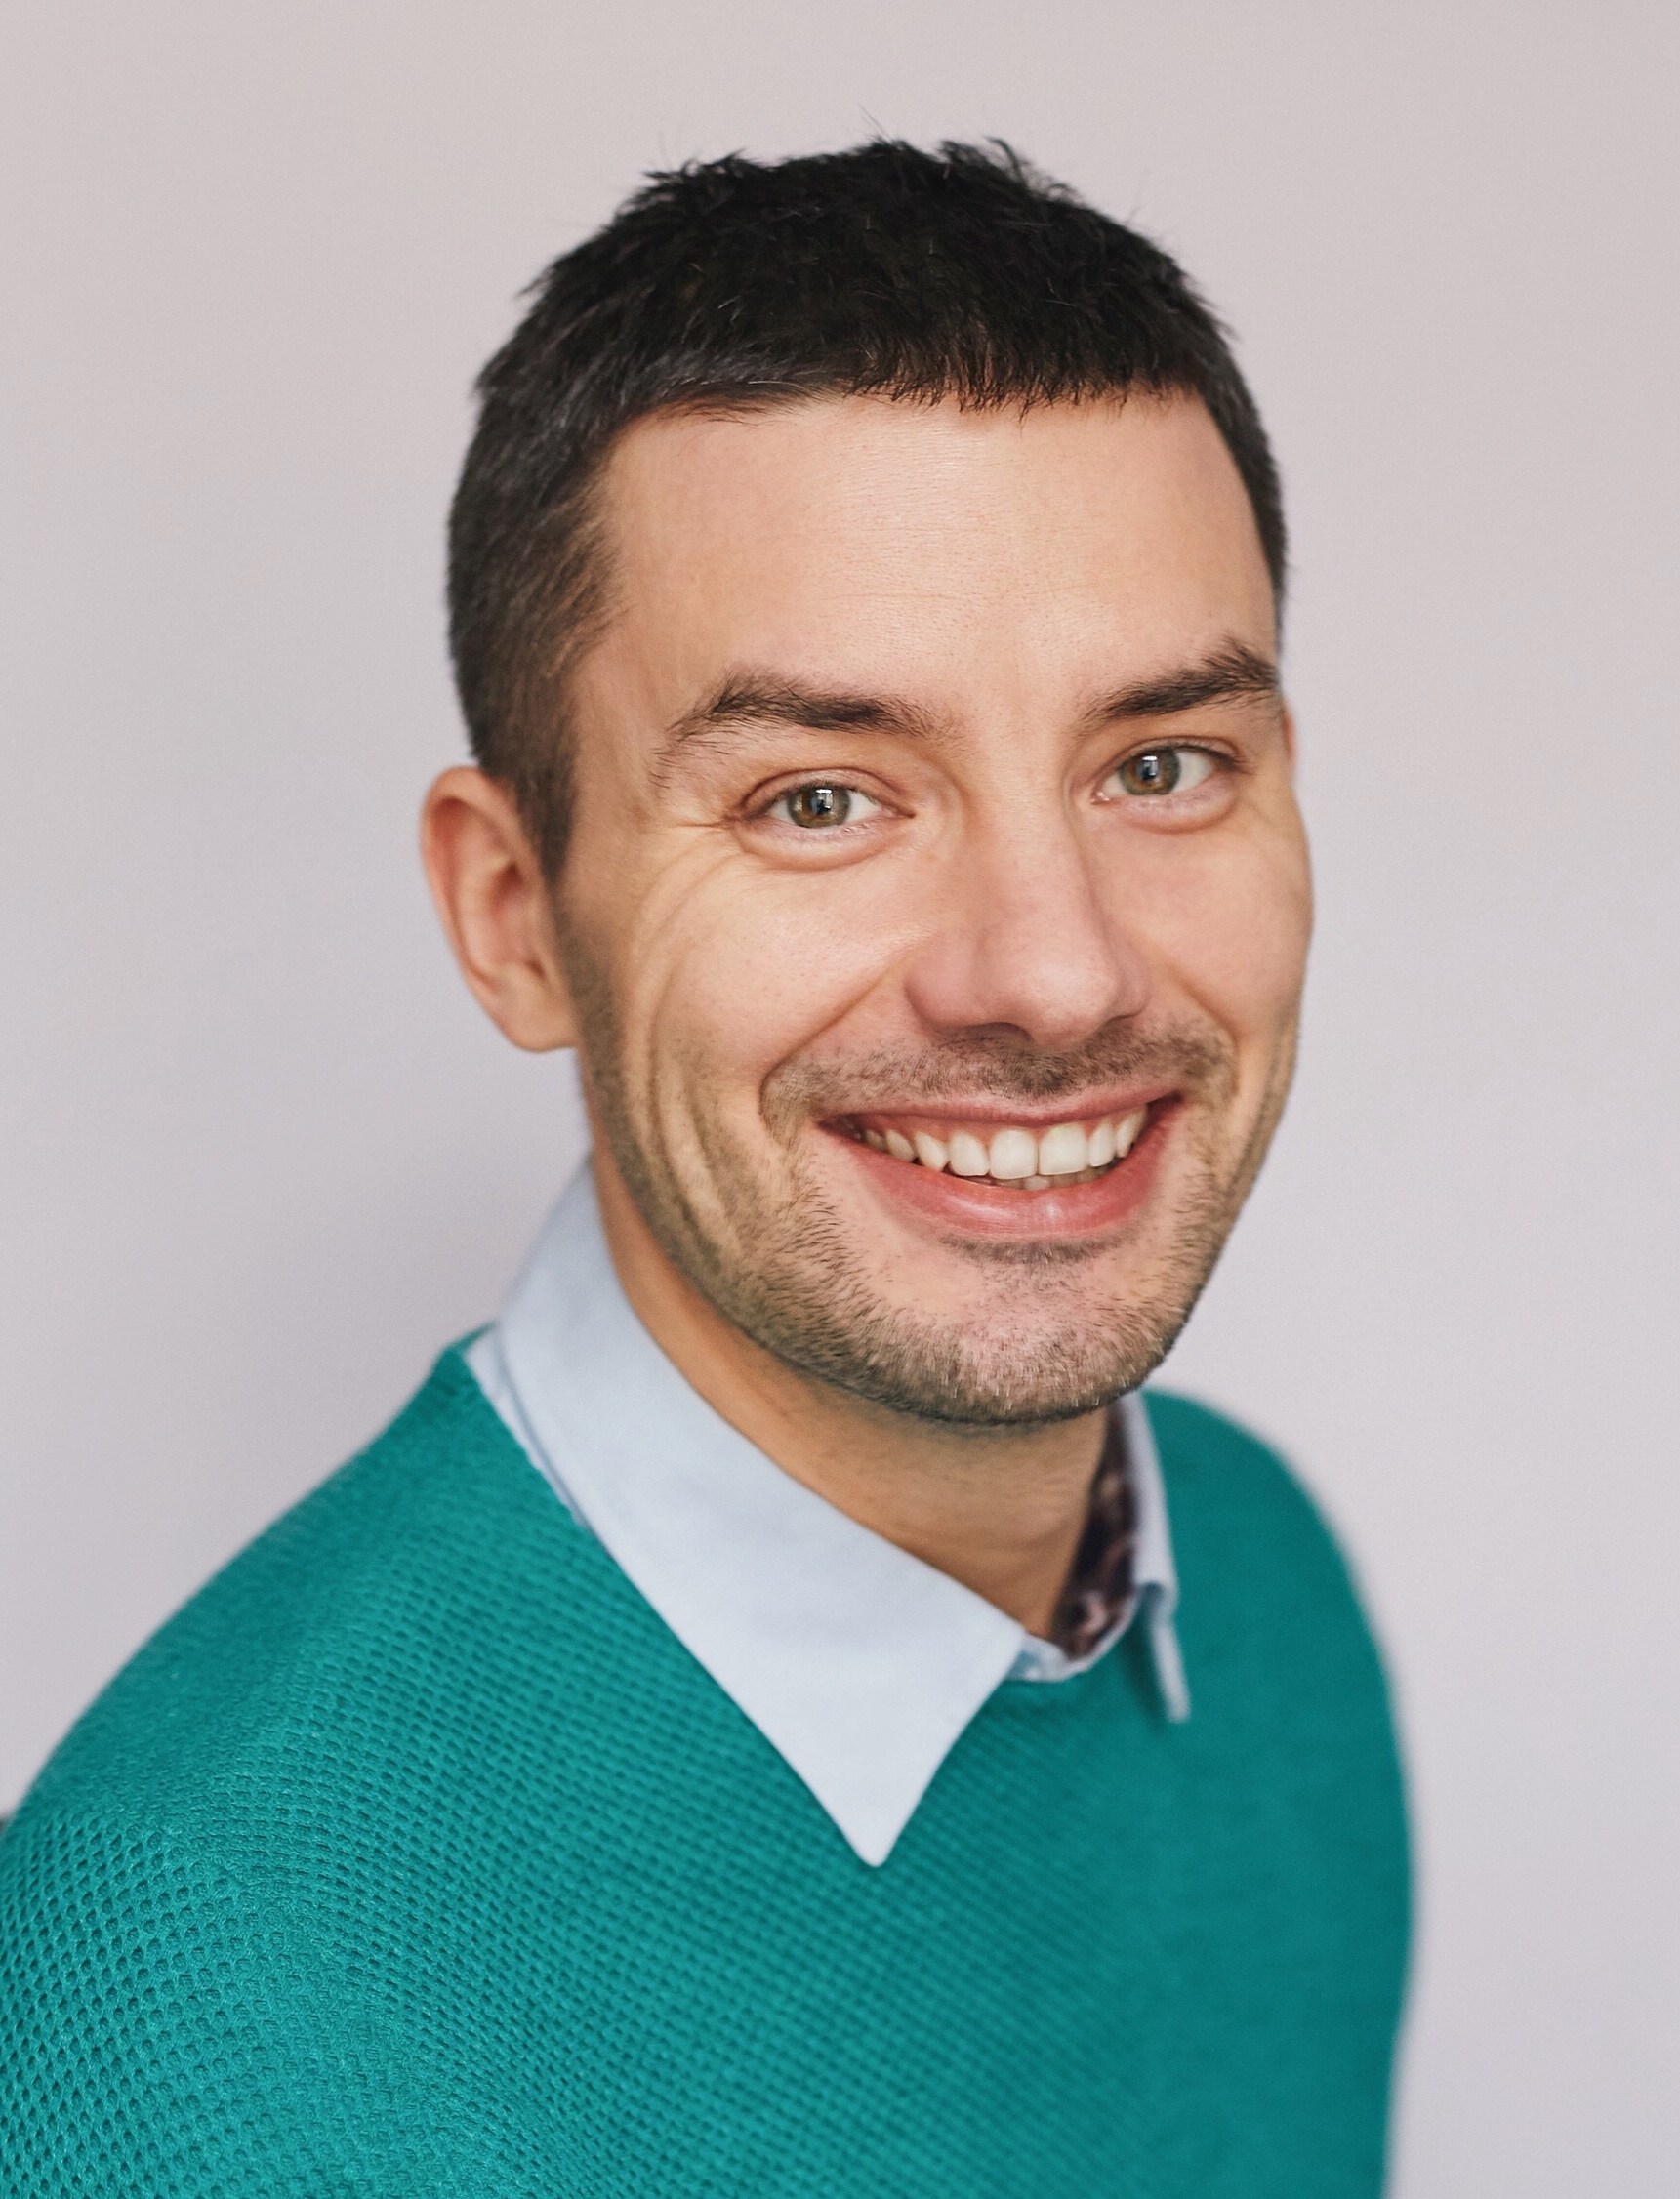 Тимофей Кротов, руководитель отдела госпитализации реабилитационного центра